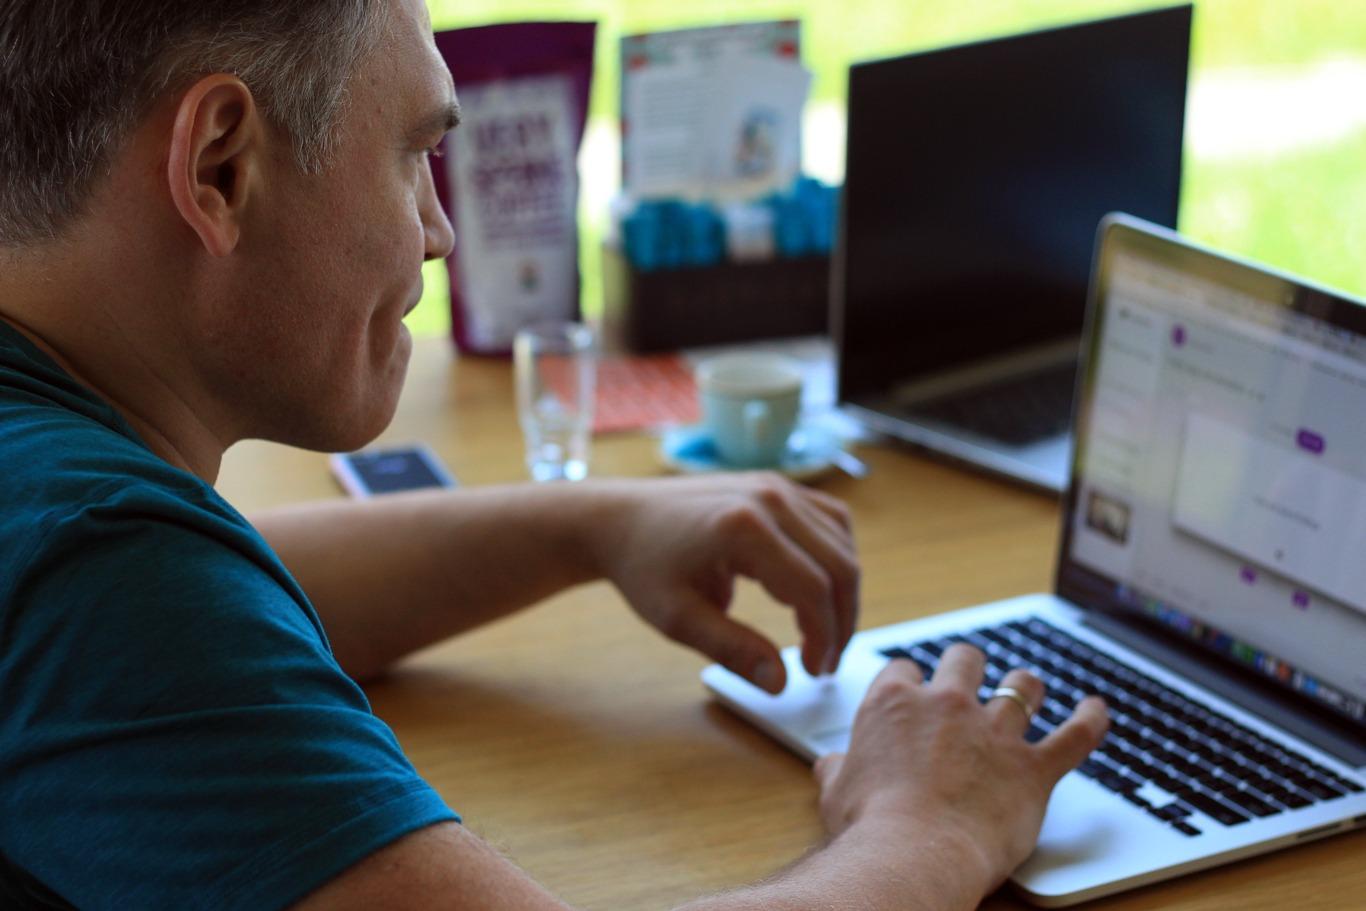 Сергій працює над додатком LingvoMind